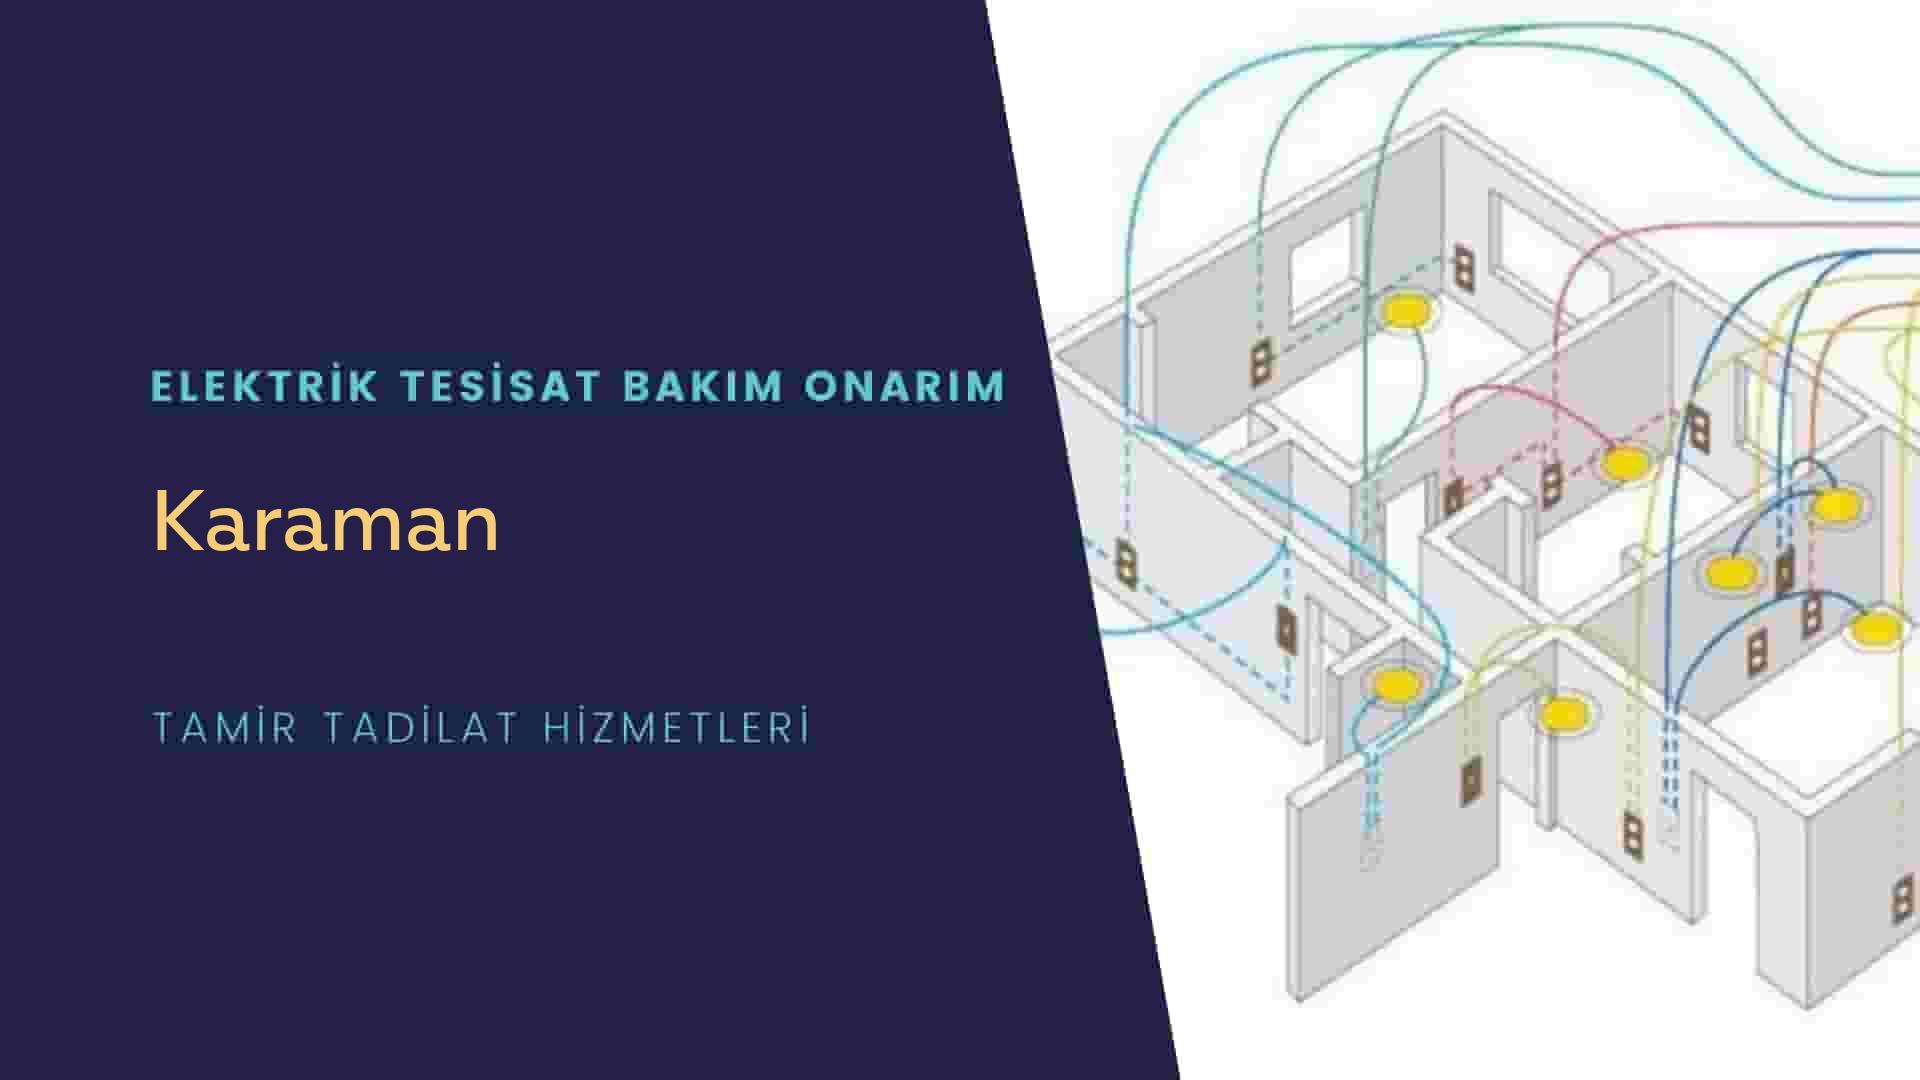 Karaman'da elektrik tesisatıustalarımı arıyorsunuz doğru adrestenizi Karaman elektrik tesisatı ustalarımız 7/24 sizlere hizmet vermekten mutluluk duyar.